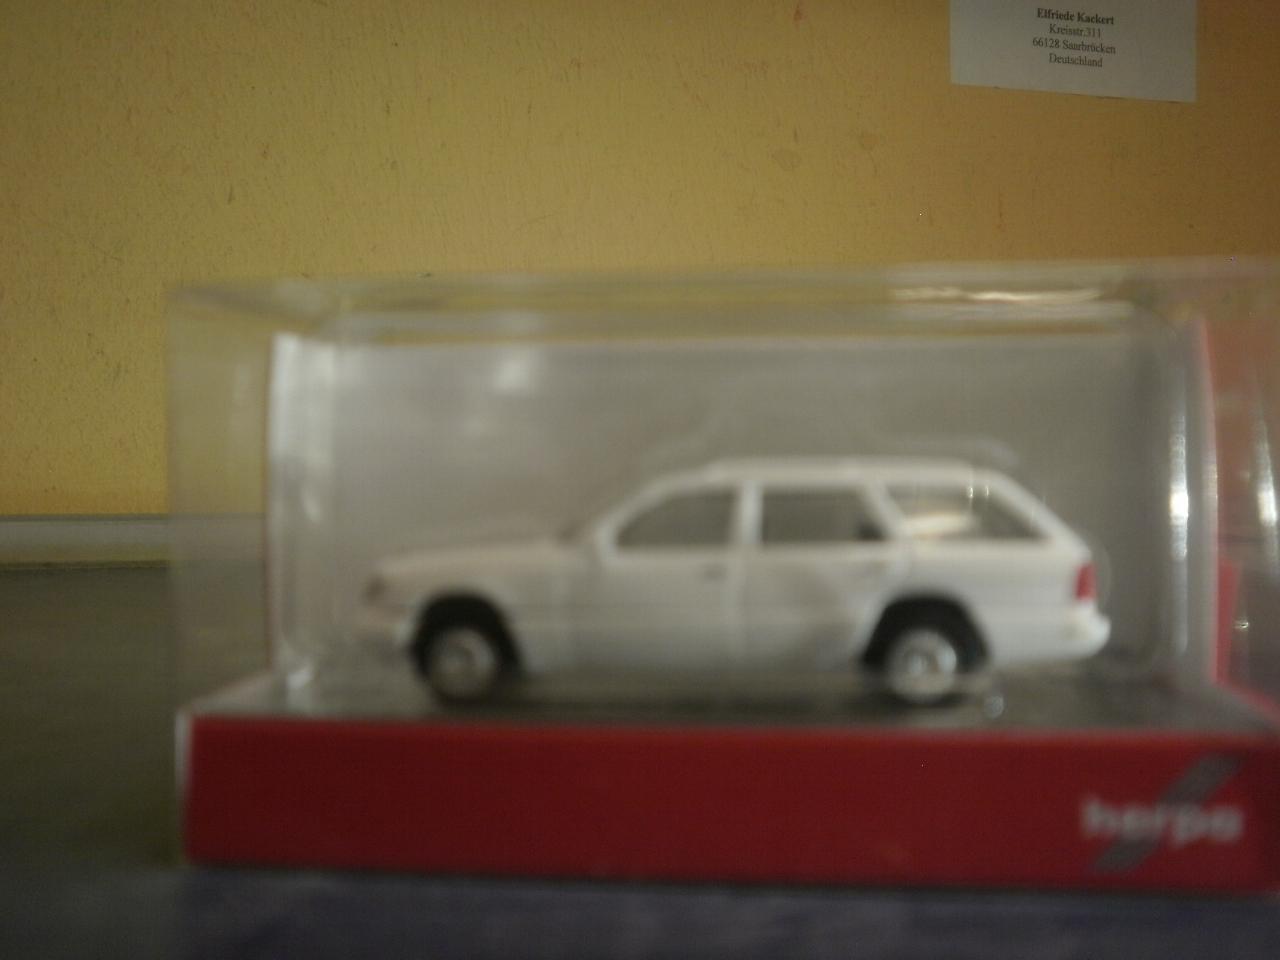 weiß 028554 Herpa PKW MB 320 T W124